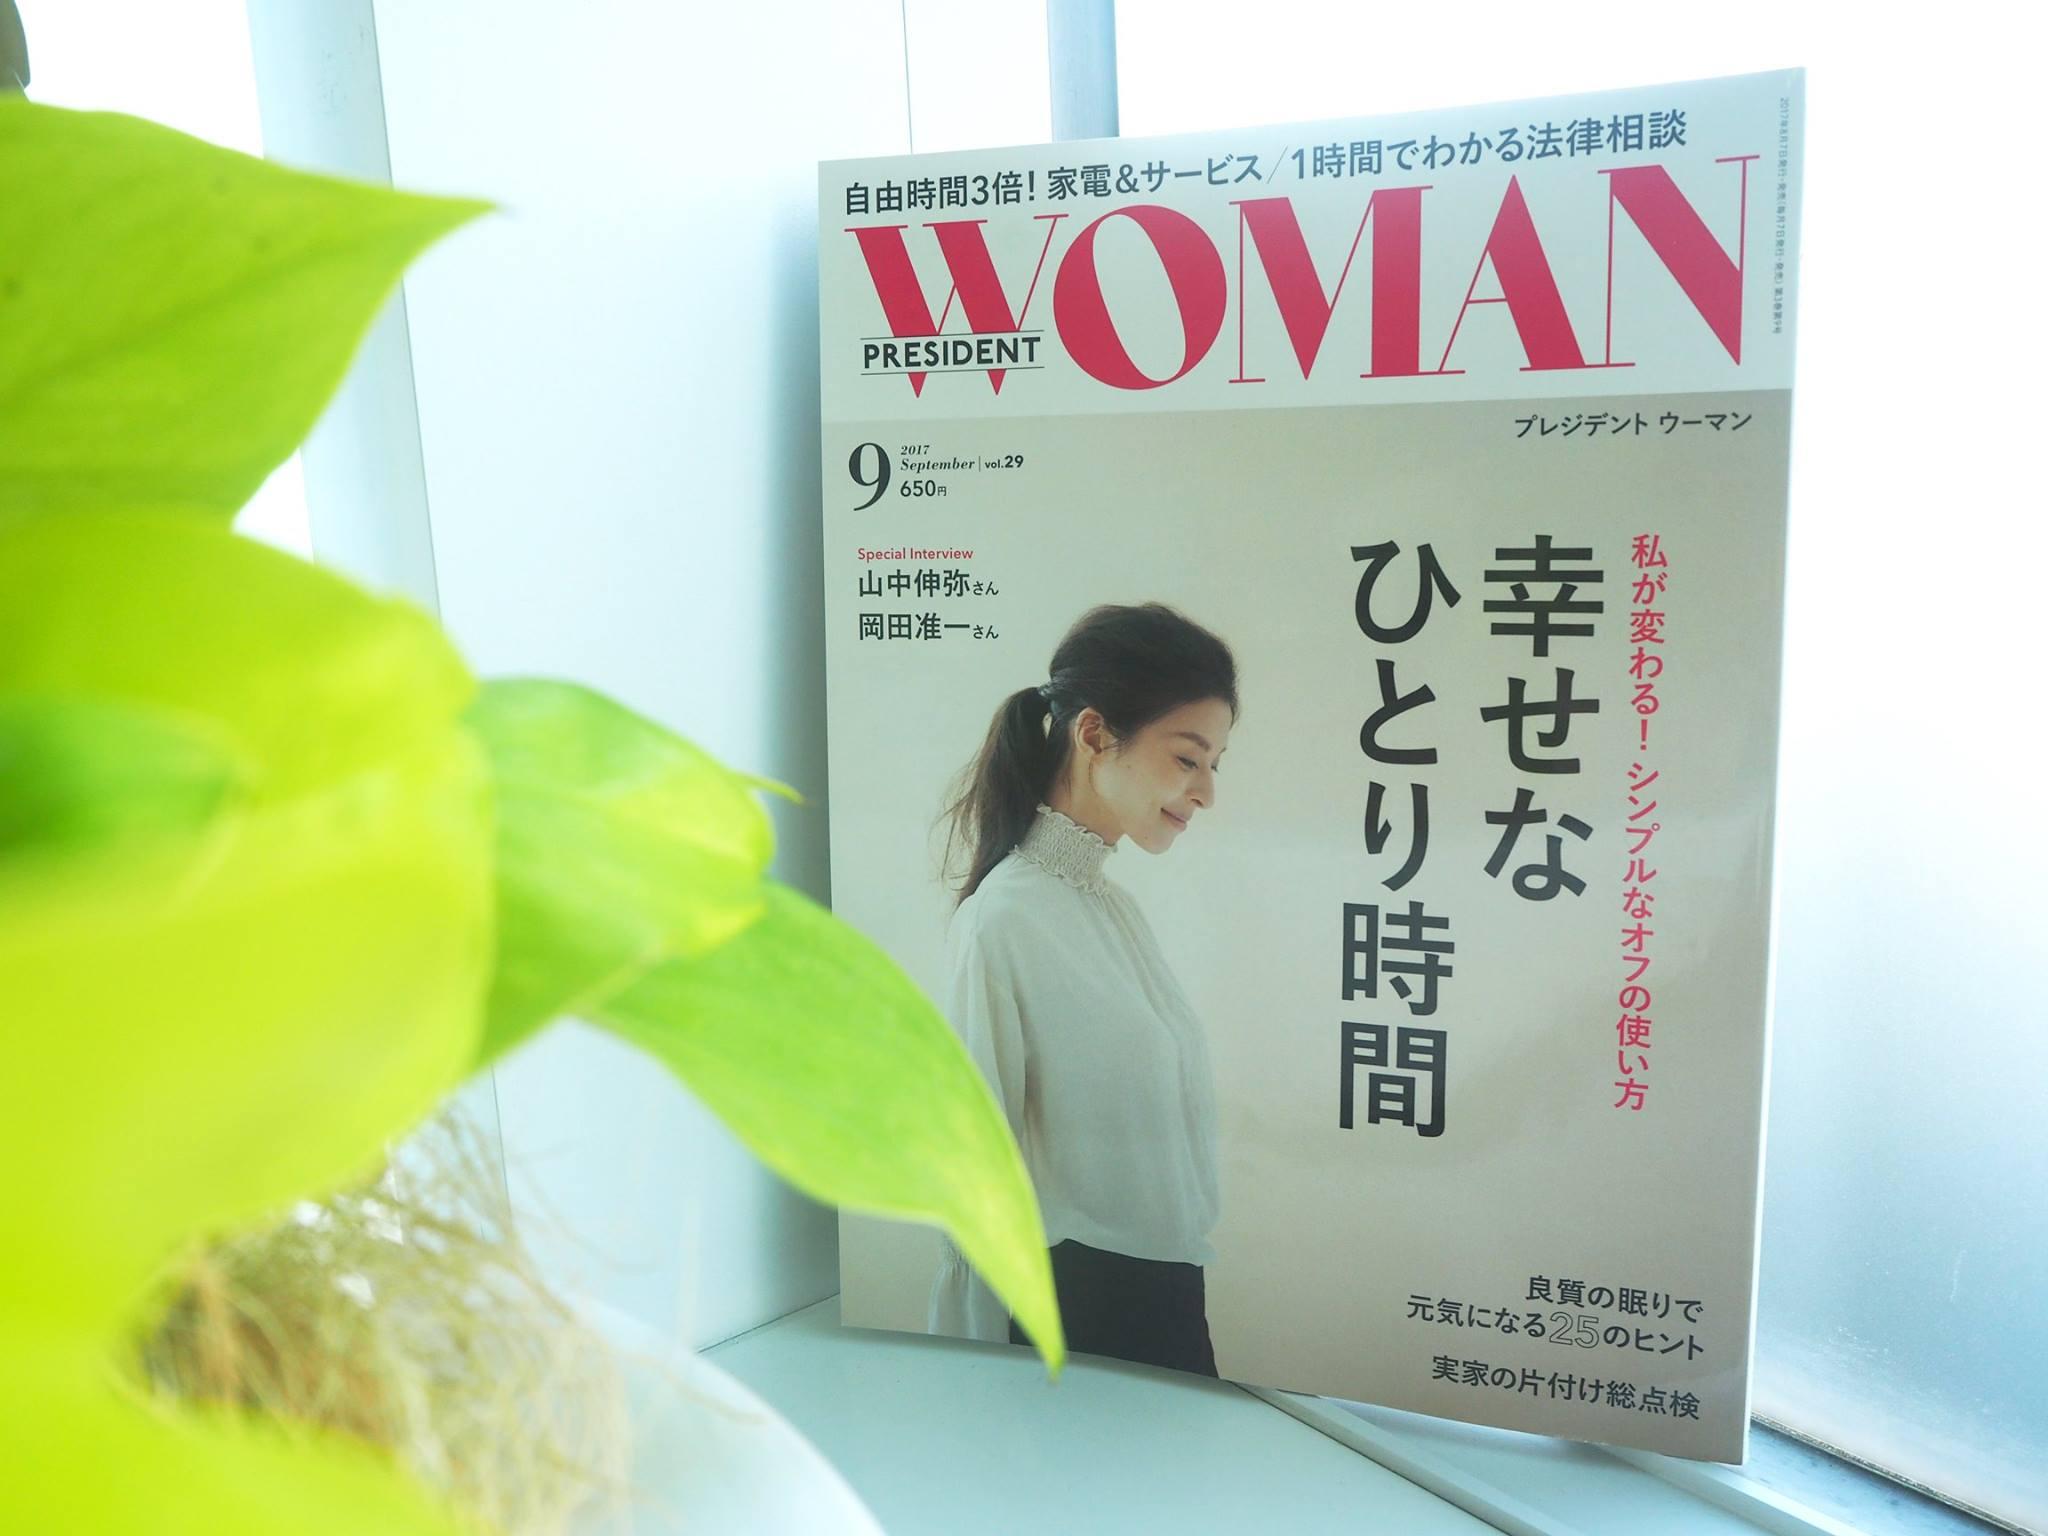 雑誌『プレジデントウーマン』9月号(8/7発売)にてご紹介いただきました